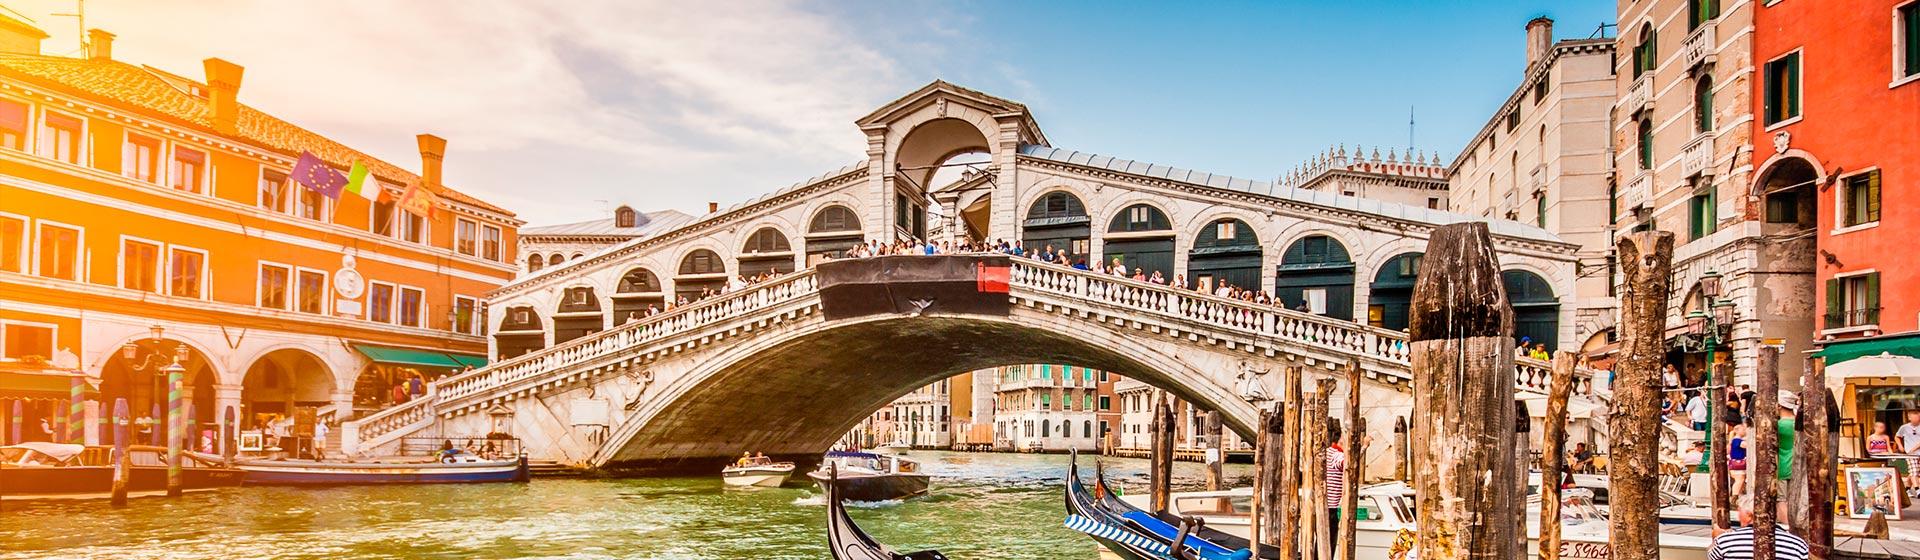 Roma - Florencia - Venecia